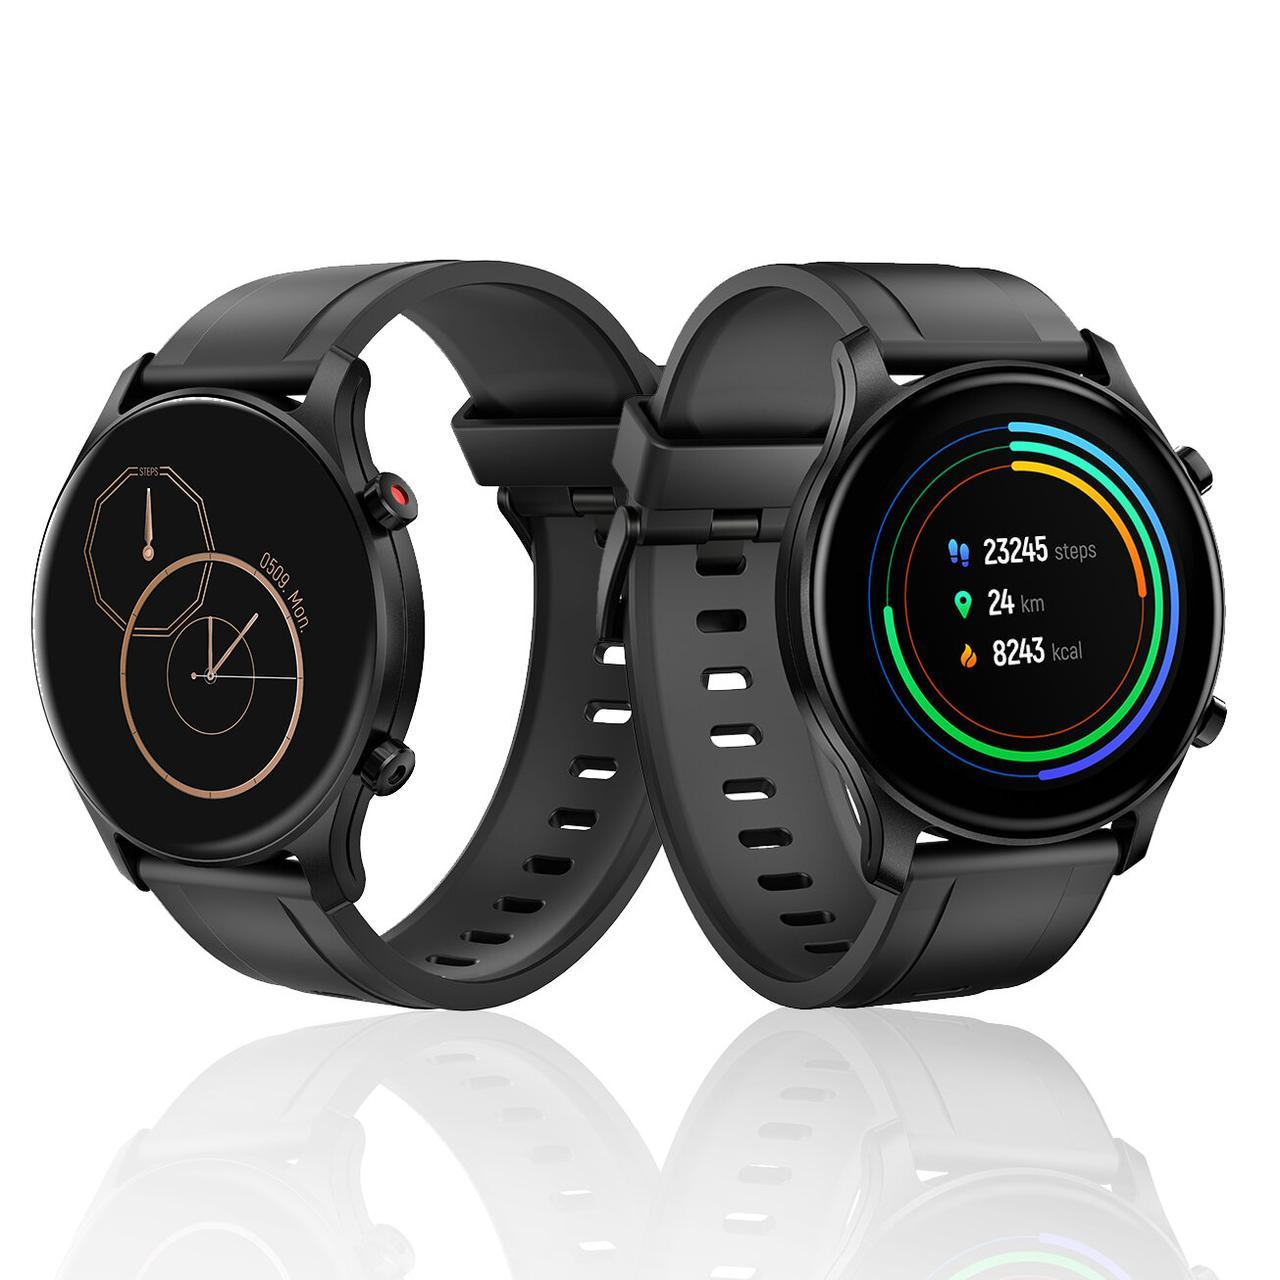 Умные часы Xiaomi Haylou RS3 LS04 - фото 3